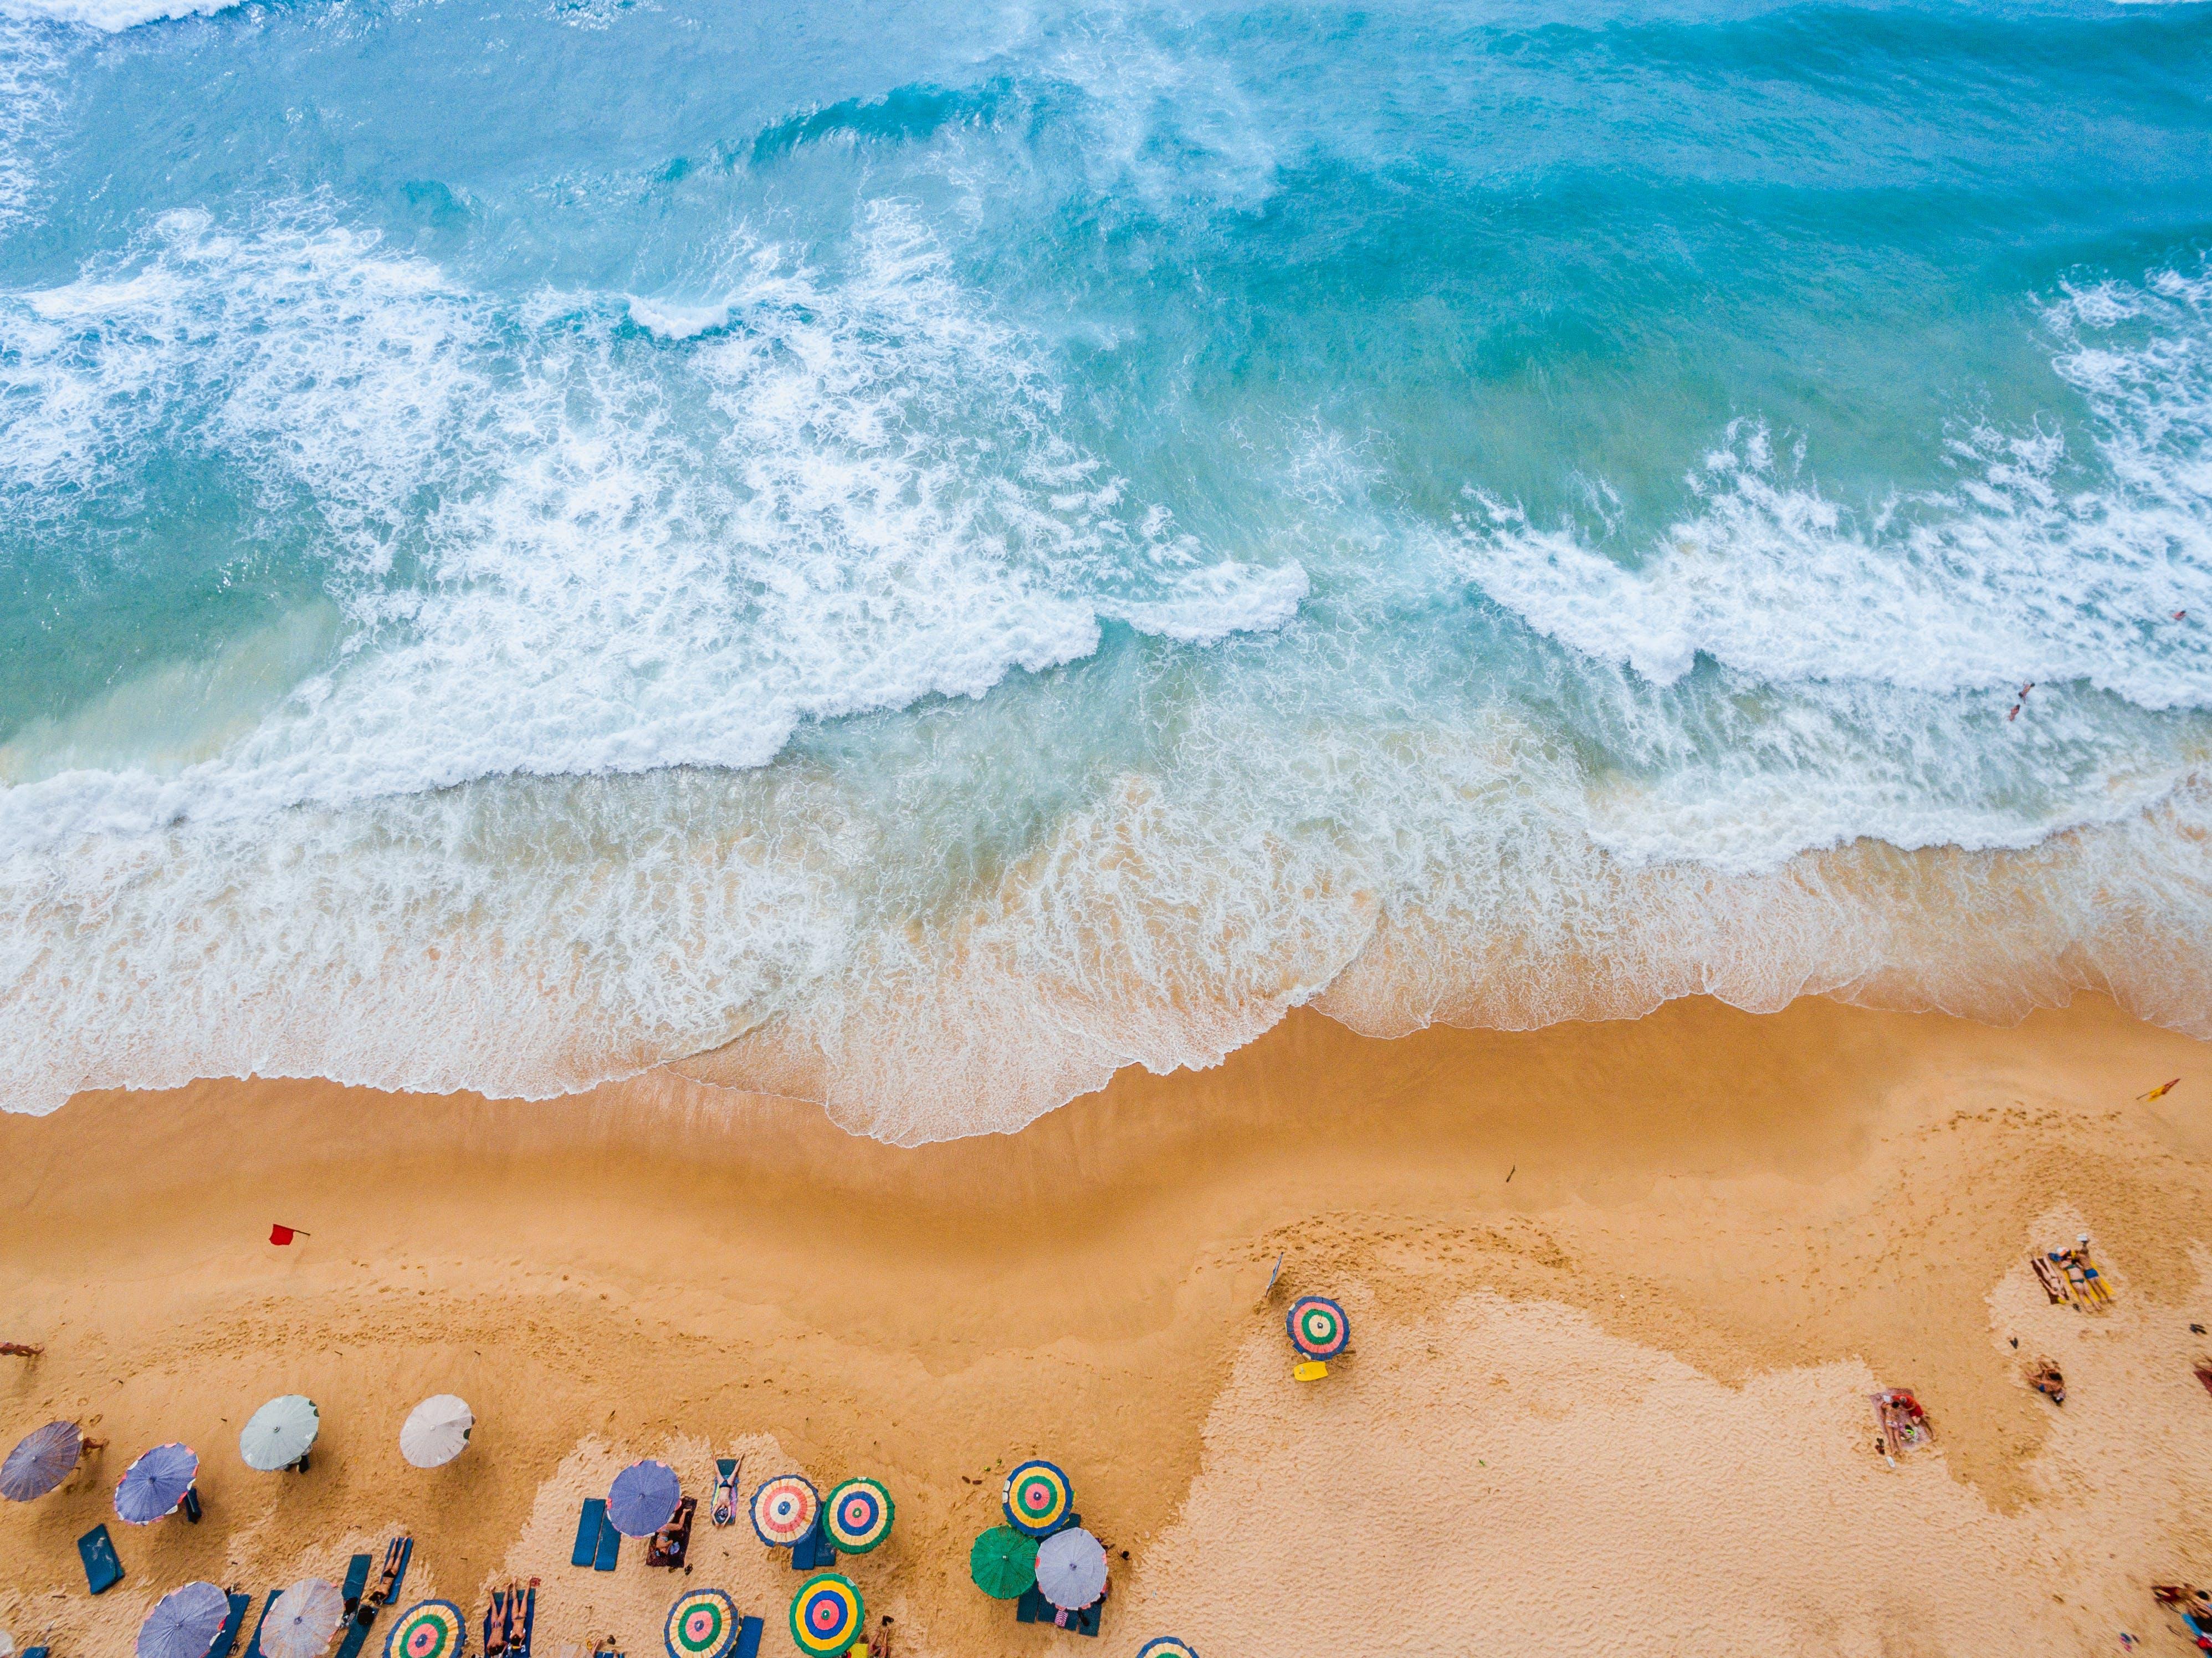 Fotos de stock gratuitas de agua, arena, azul, centro turístico